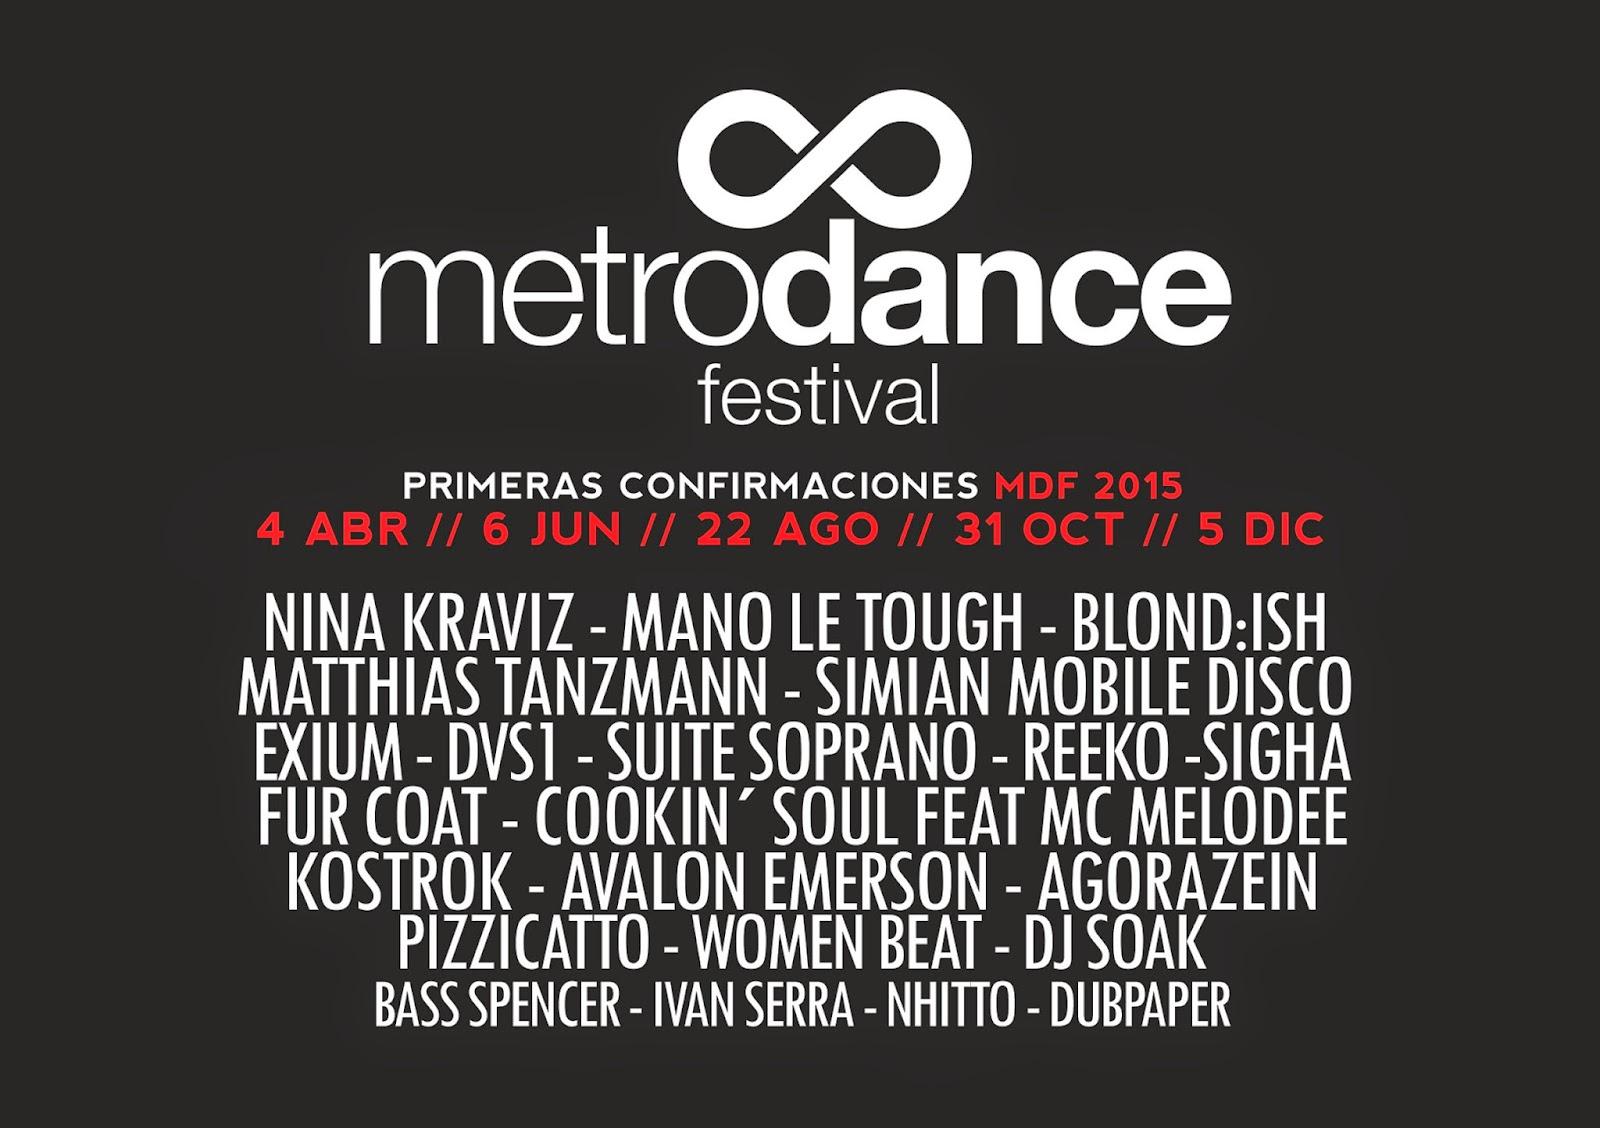 metro dance festival anuncia fechas